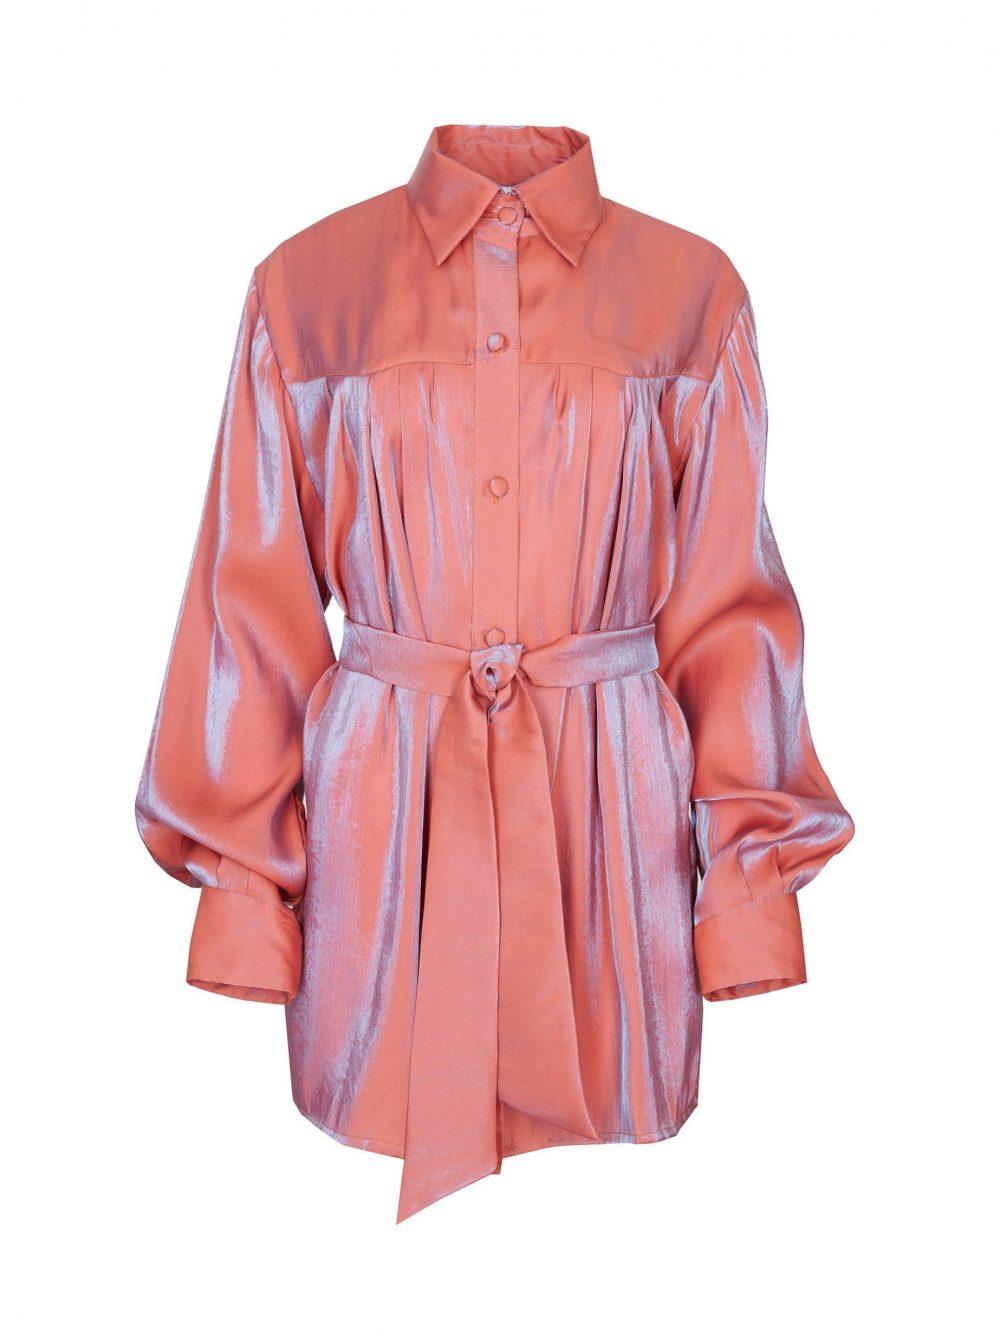 Mieniąca się koszula oversize Rose on Fire w kolorze pomarańczy i błękitu.